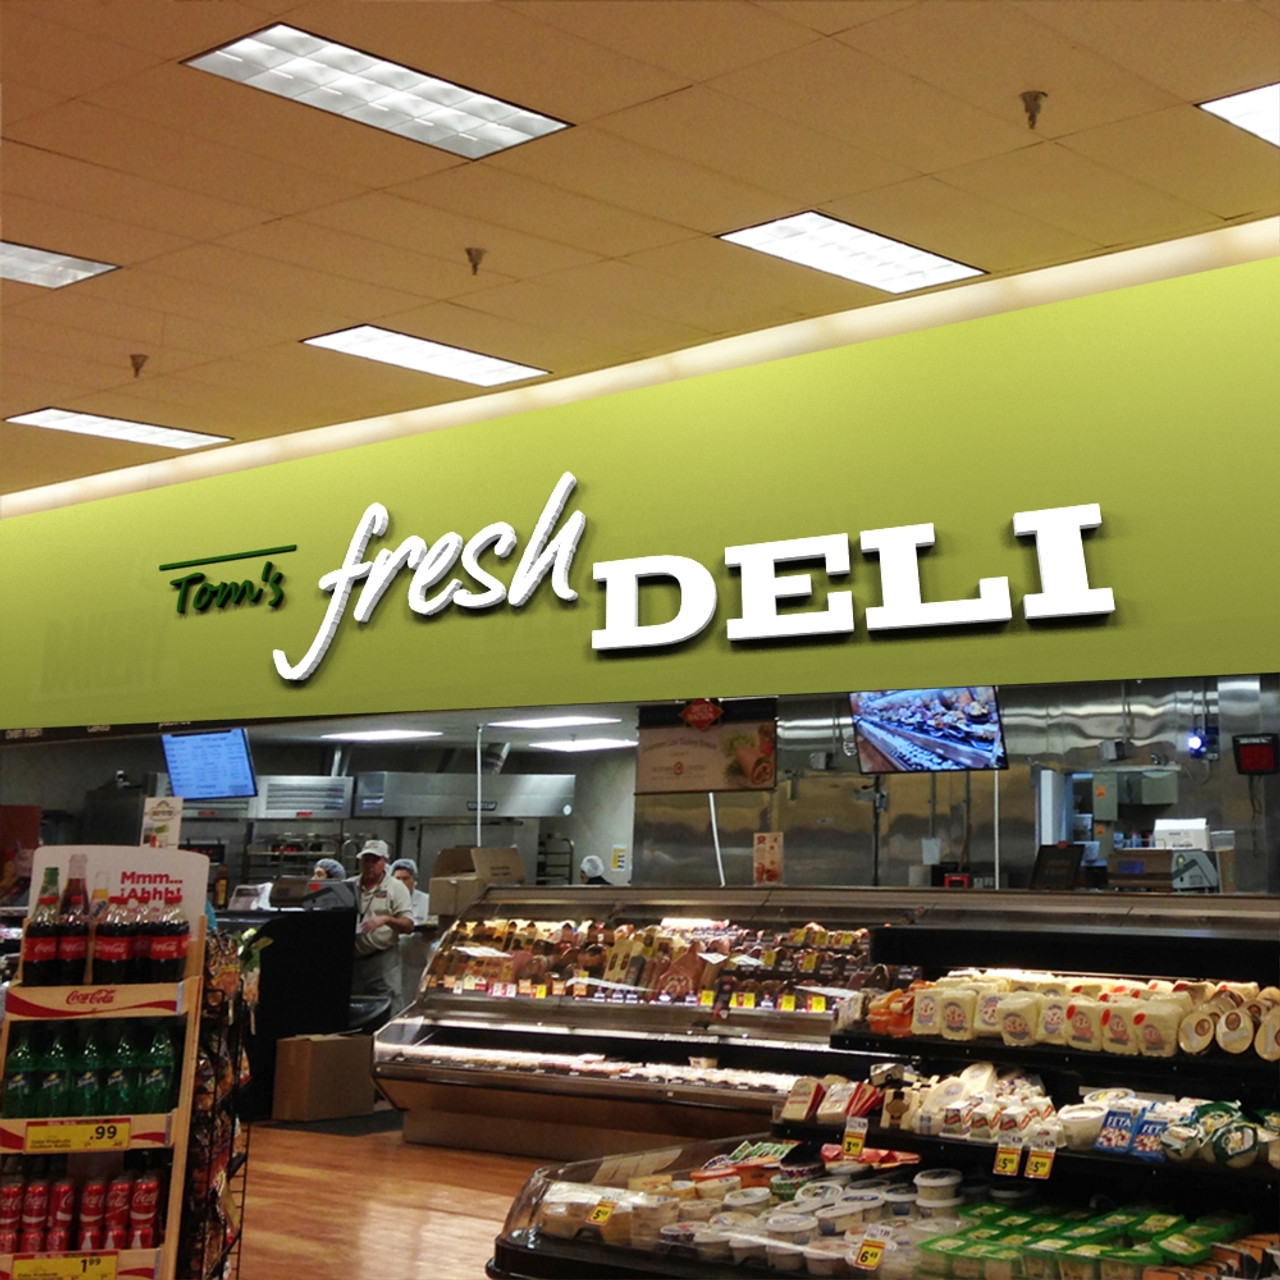 Supermarket Signage Design | 3D Raised Letter Signs | Custom Designs